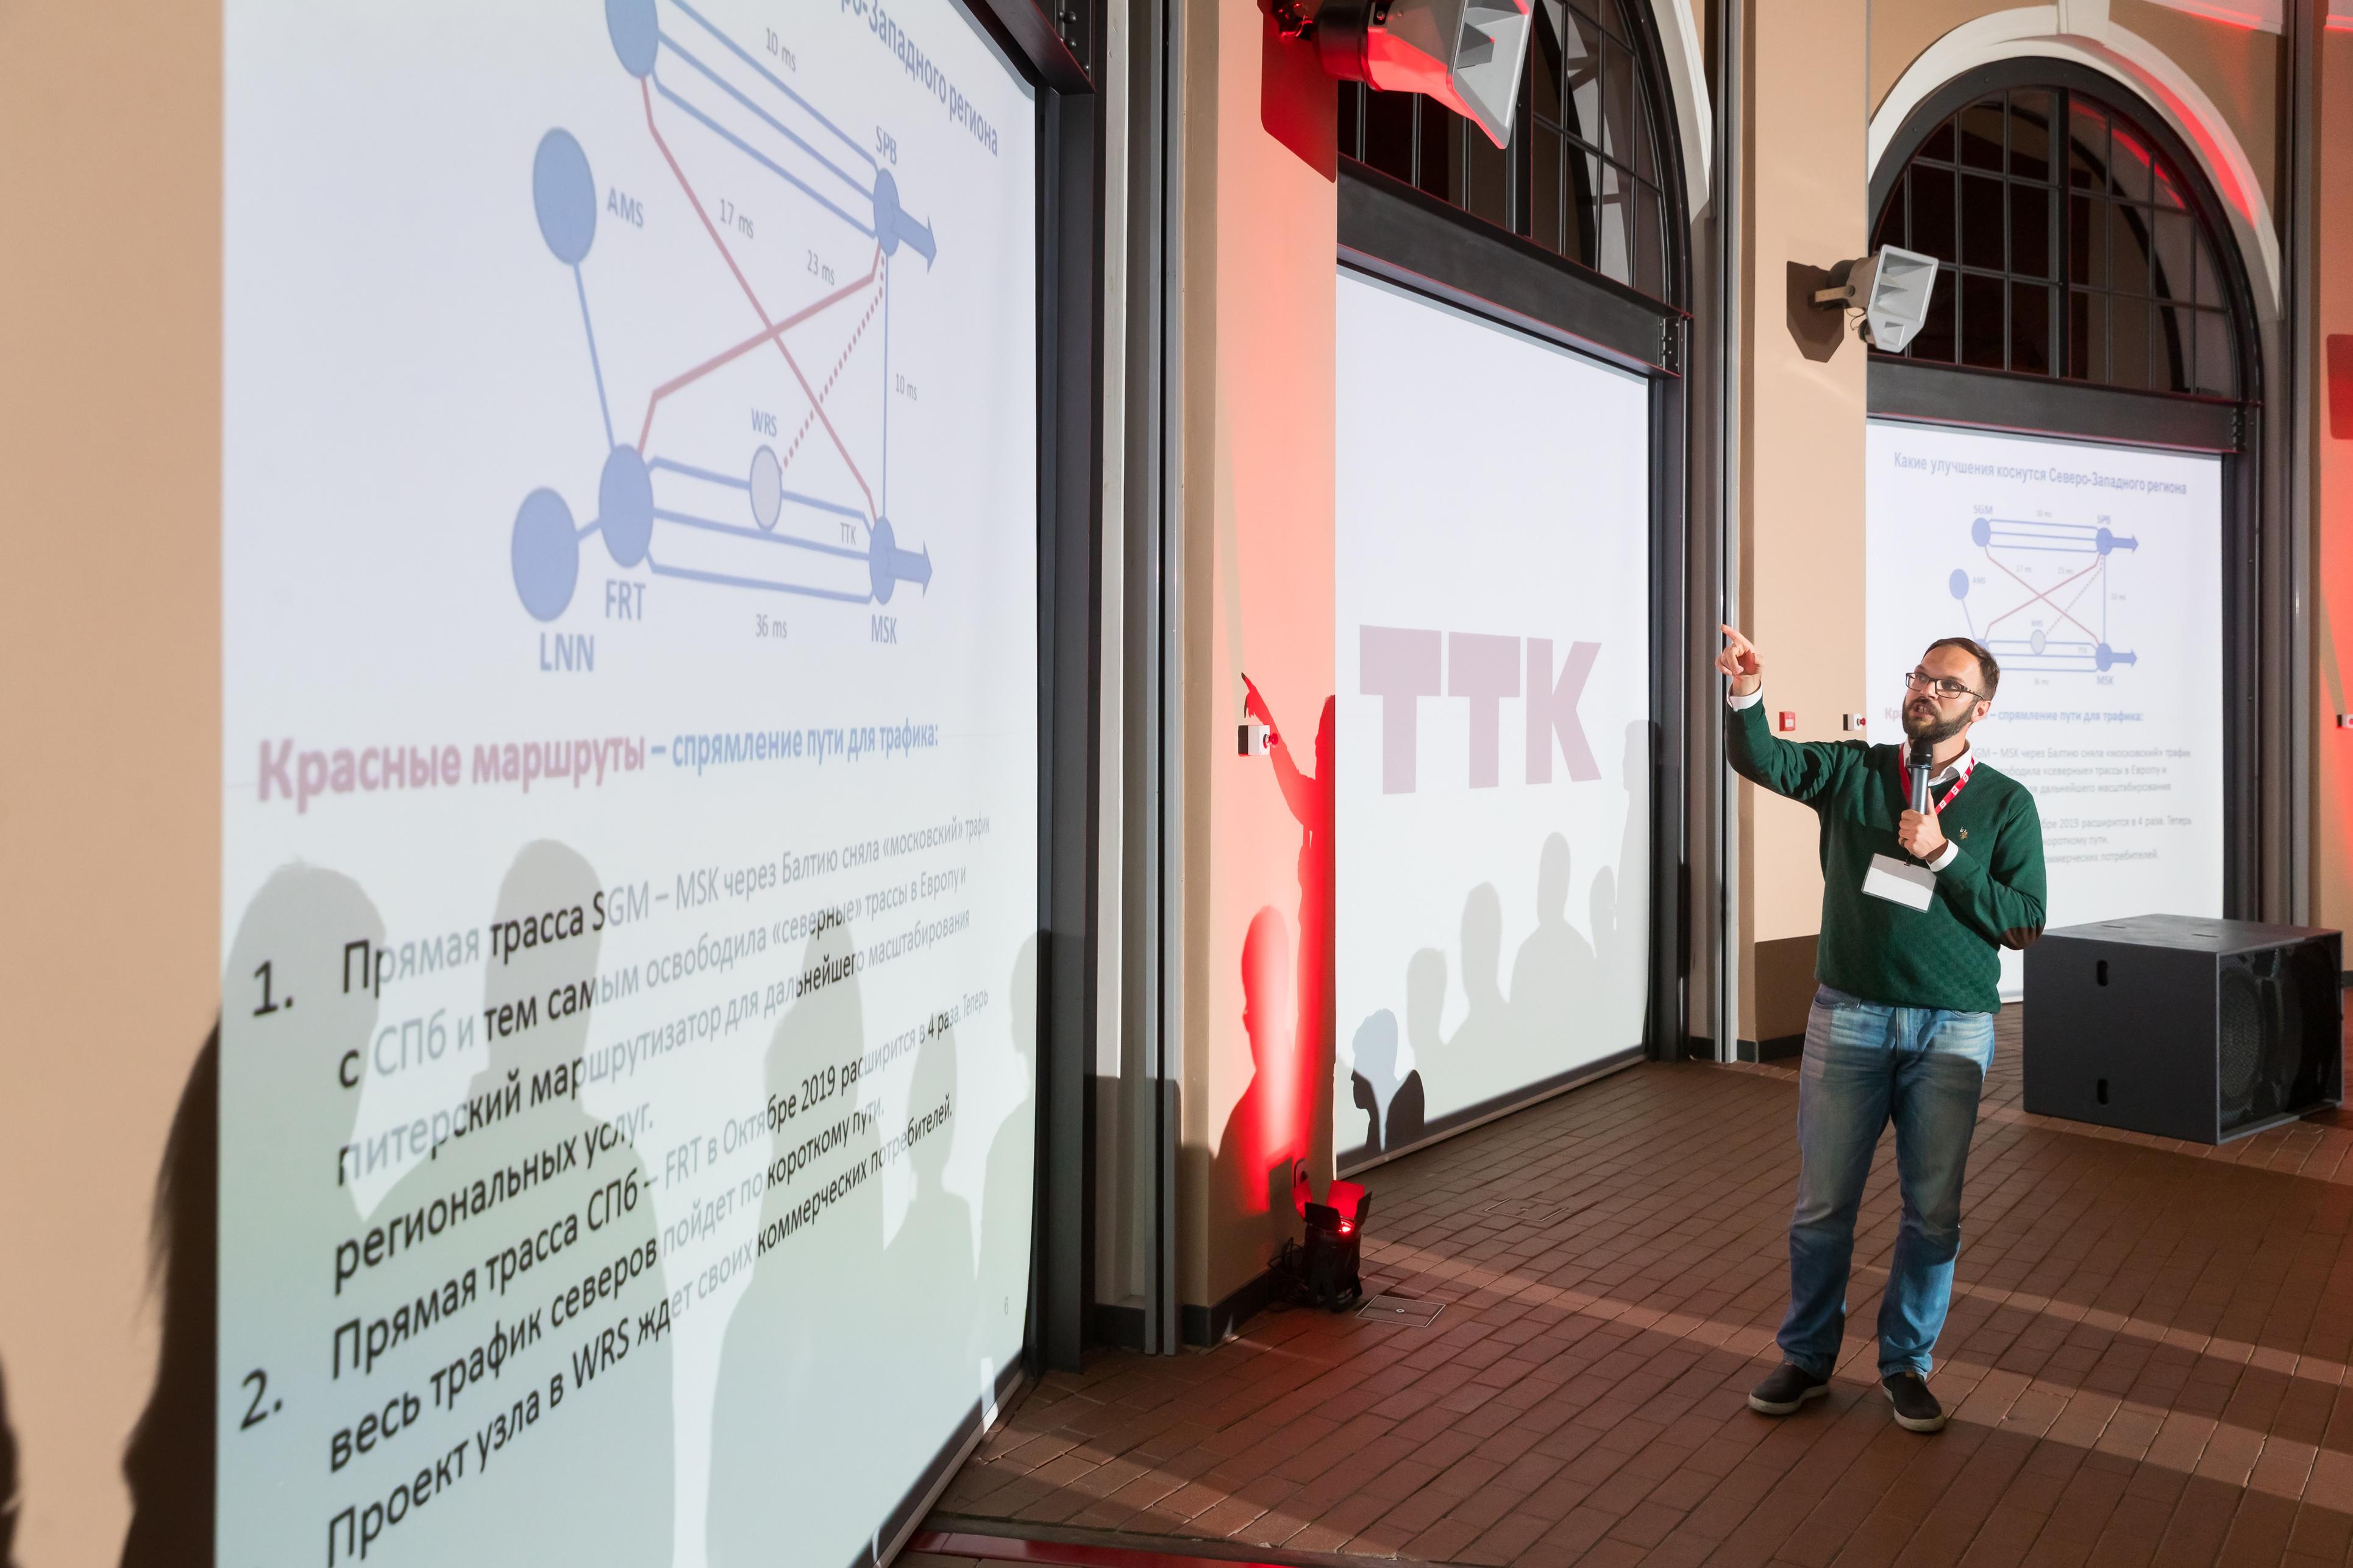 ТТК рассказал операторам о преимуществах системы FVNO 1